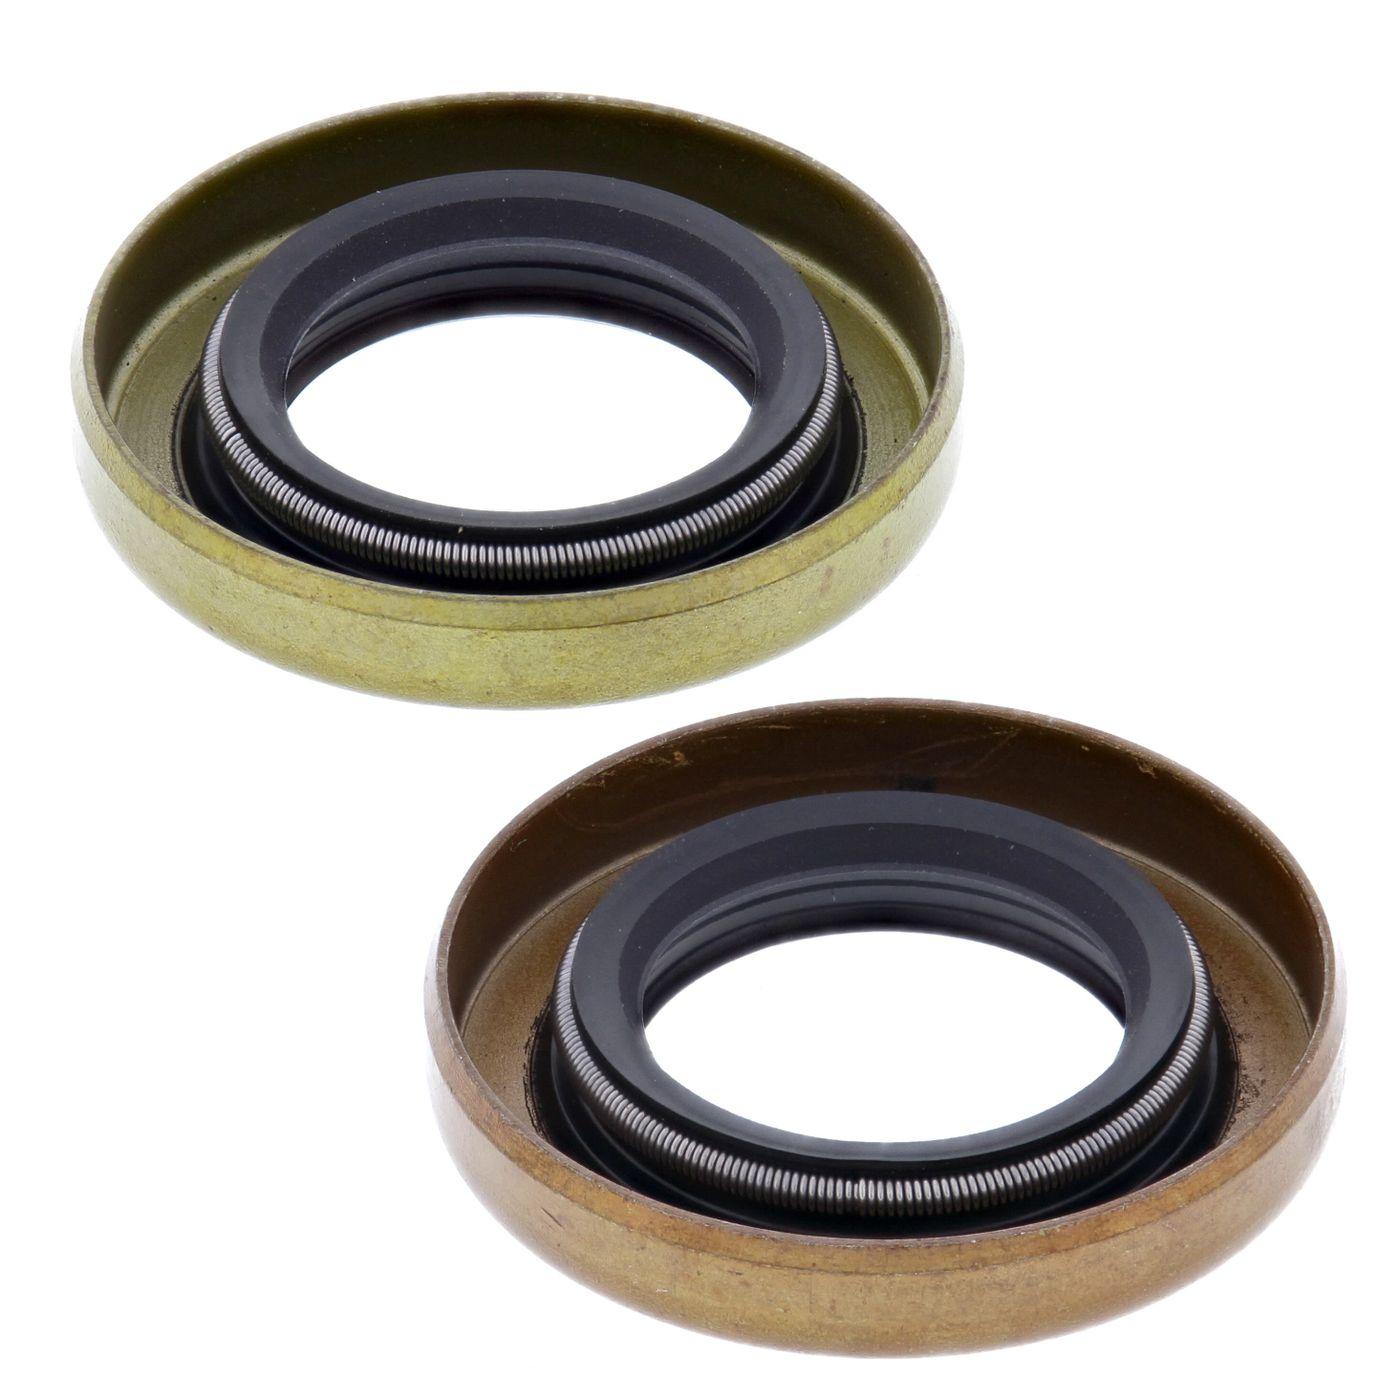 Wrp Crank Seal Kits - WRP242012 image